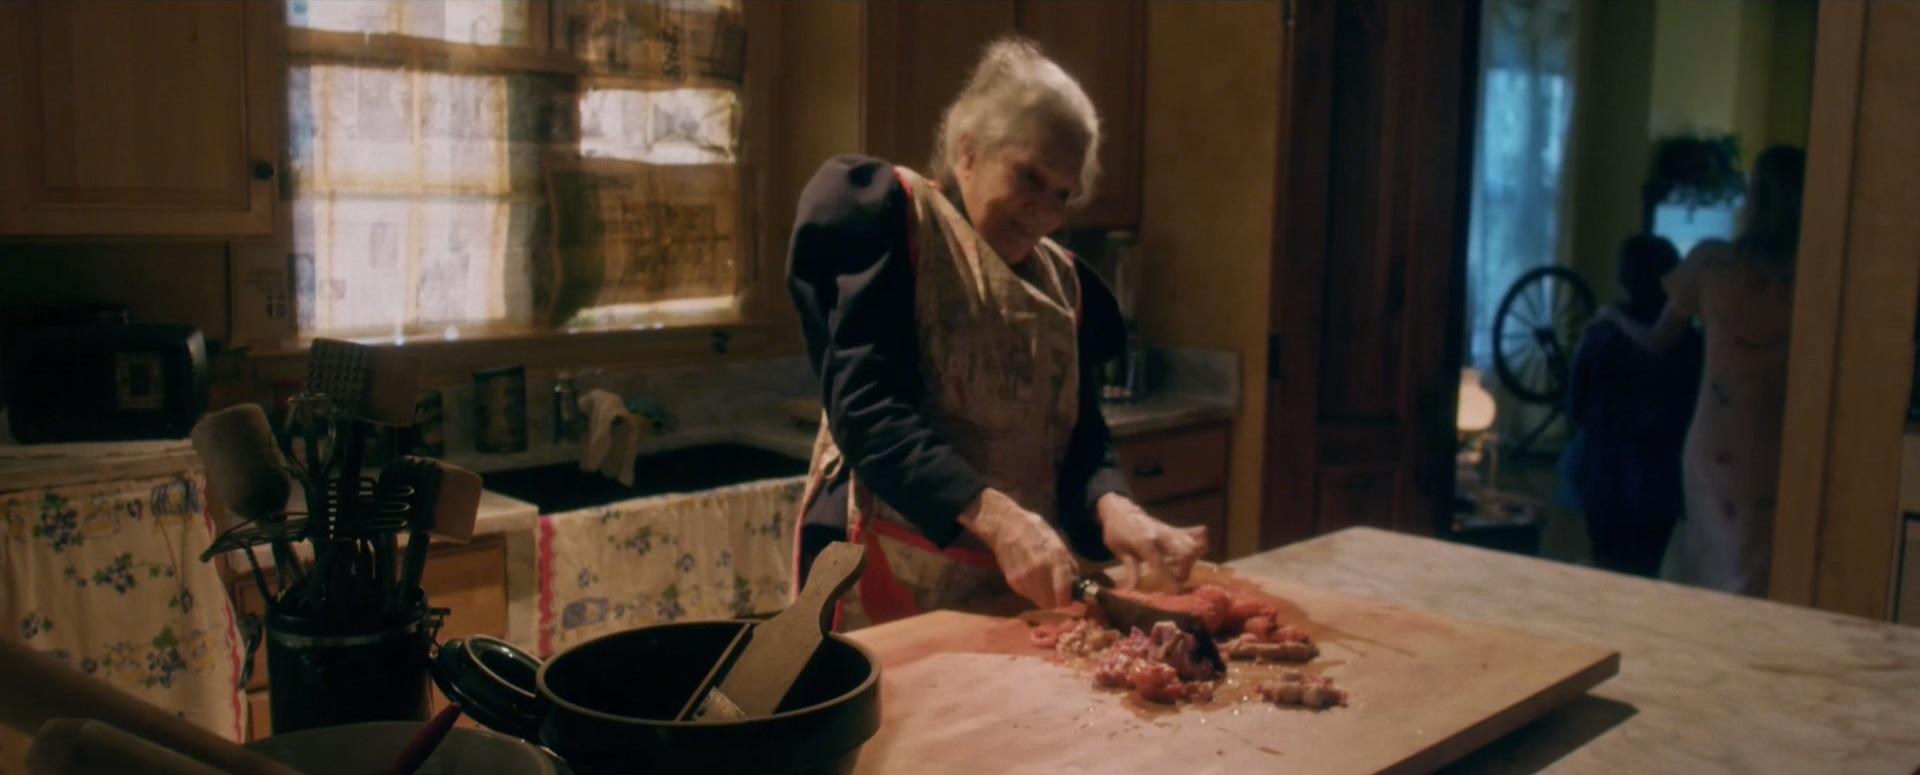 Do you smeeeeeeelll what Grandma O'Malley is cookin'?!?!?!?!